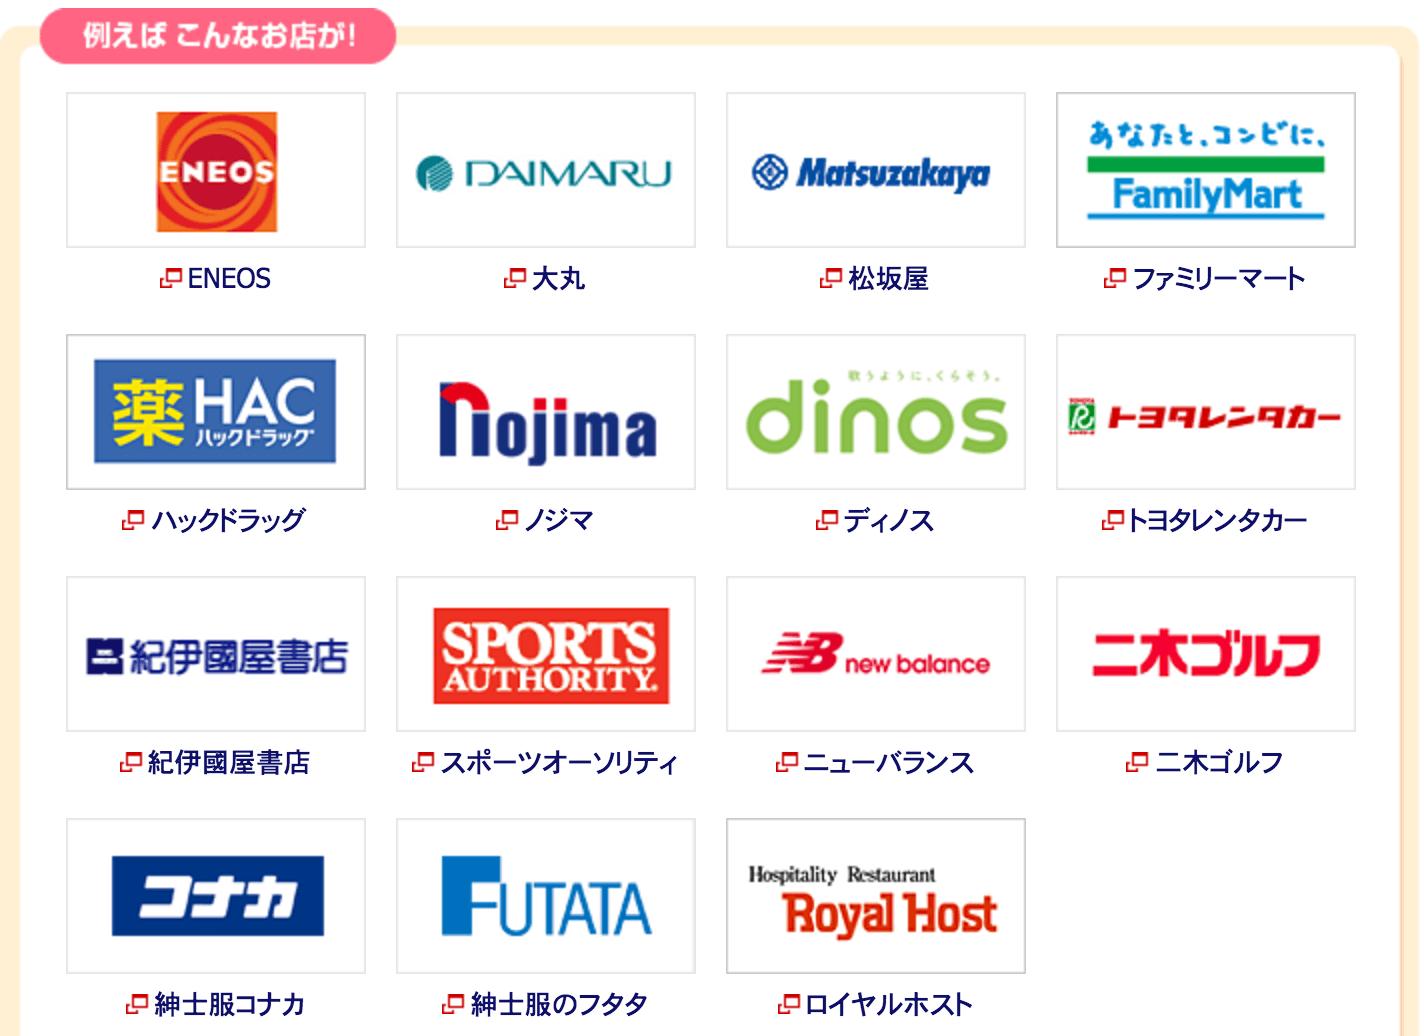 JAL アメリカン・エキスプレス・カード CLUB-Aゴールドカード JALカード特約店